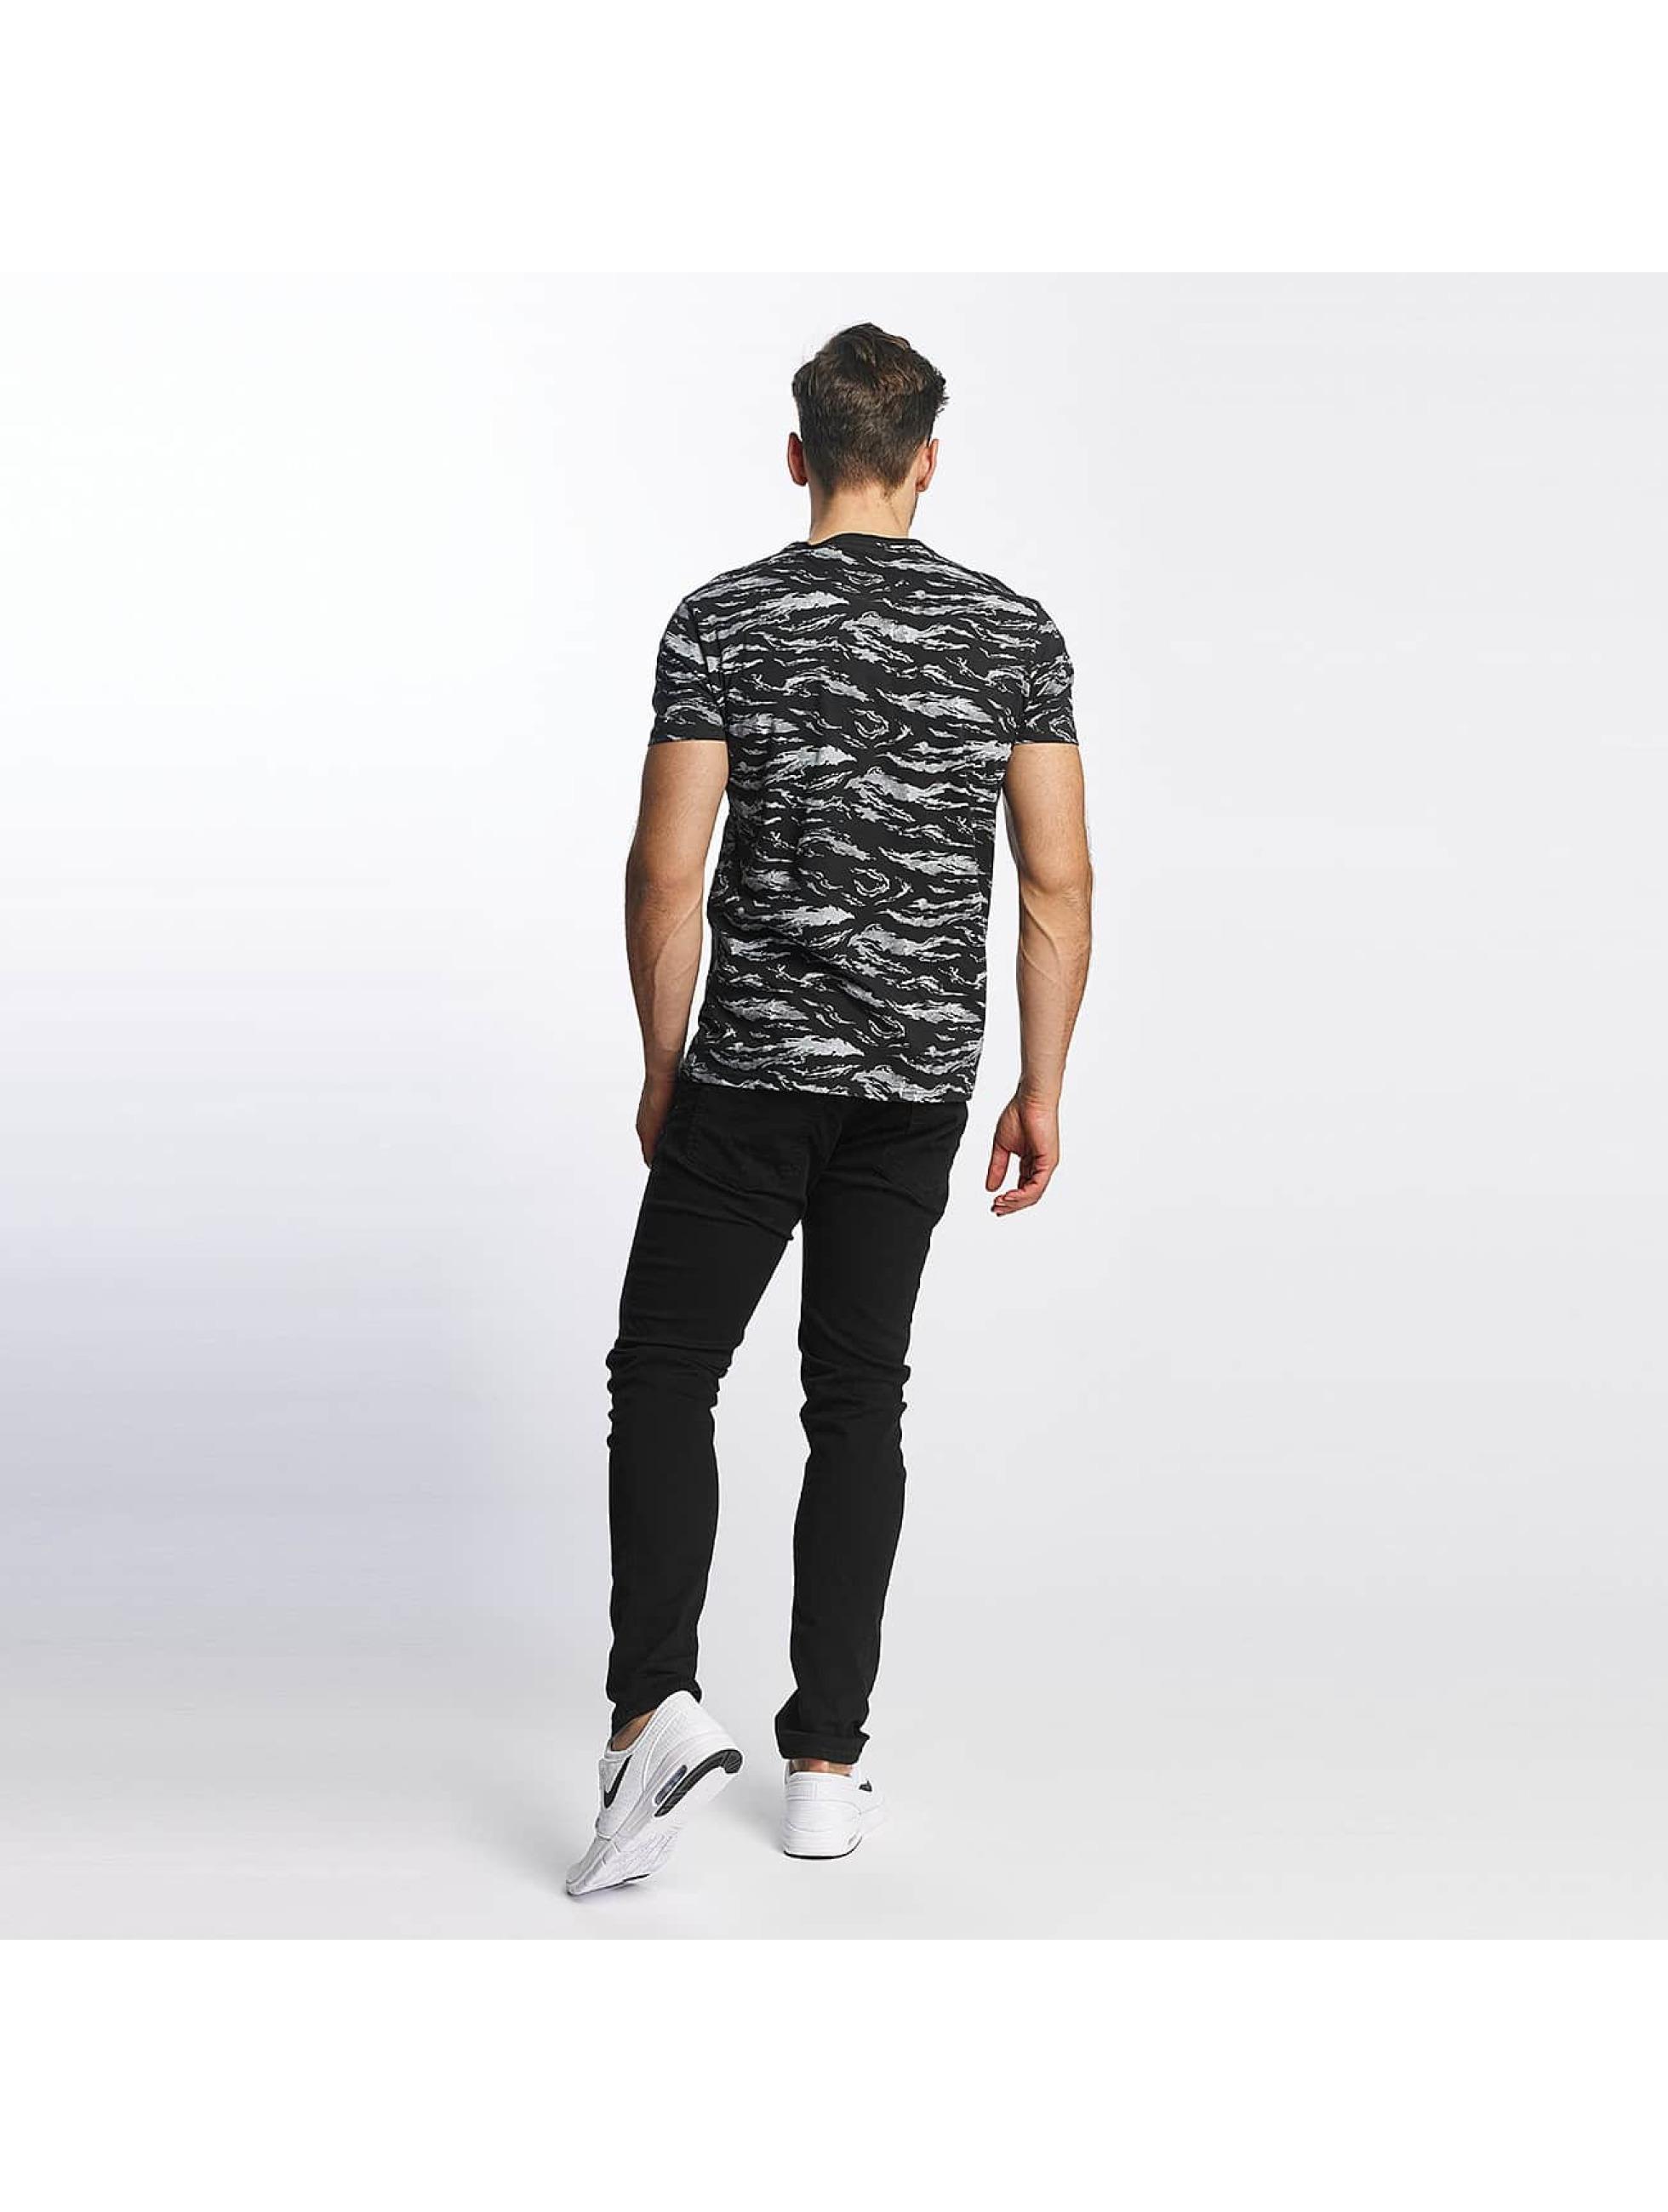 SHINE Original T-Shirt All Over Print schwarz